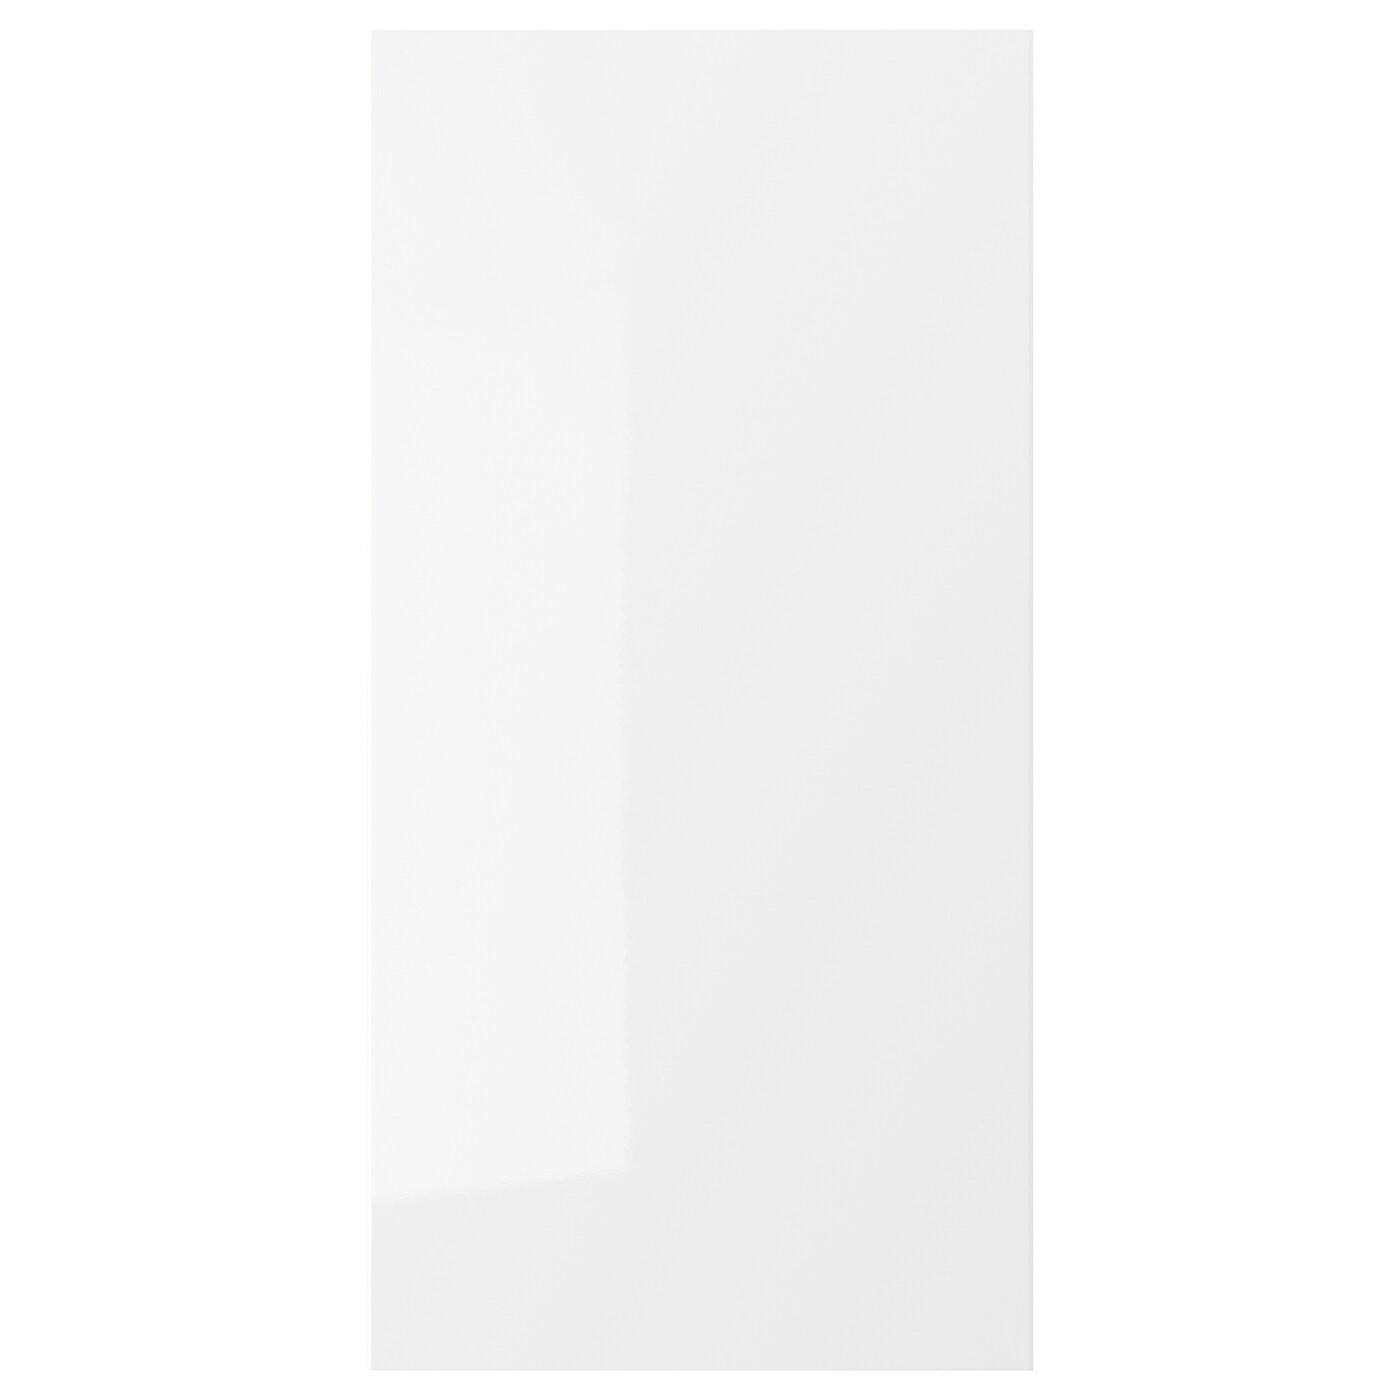 IKEA RINGHULT дверь глянцевый белый 40 x 80 см 302.050.95